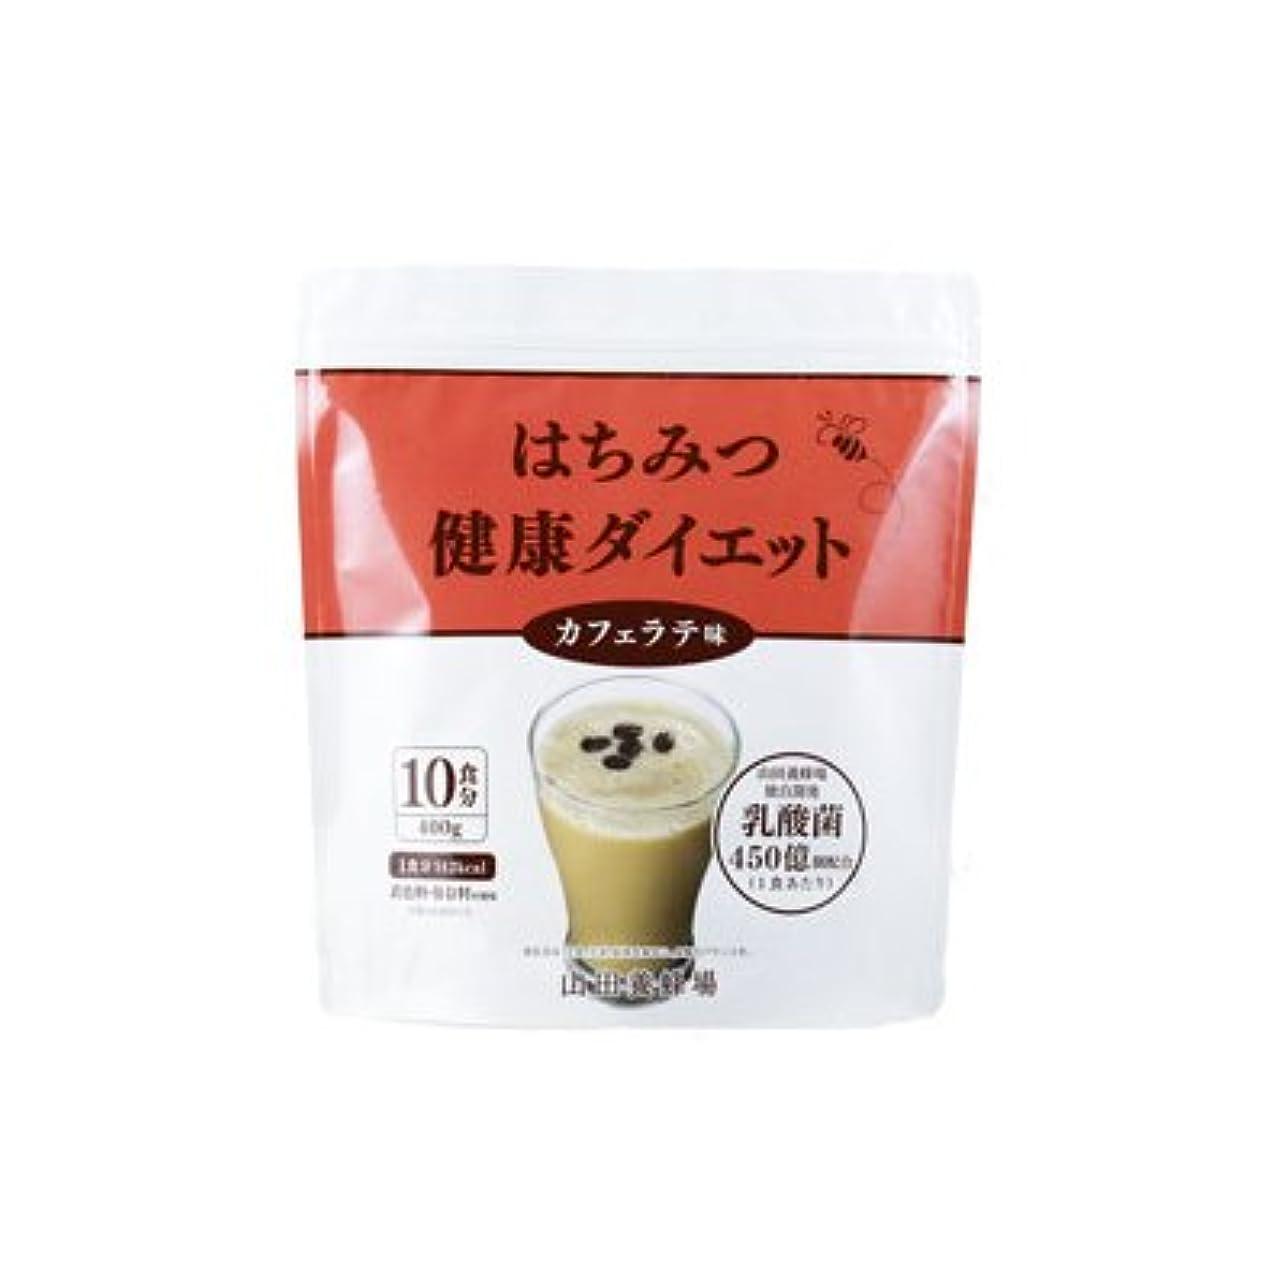 ペフ貯水池三角はちみつ健康ダイエット 【カフェラテ味】400g(10食分)